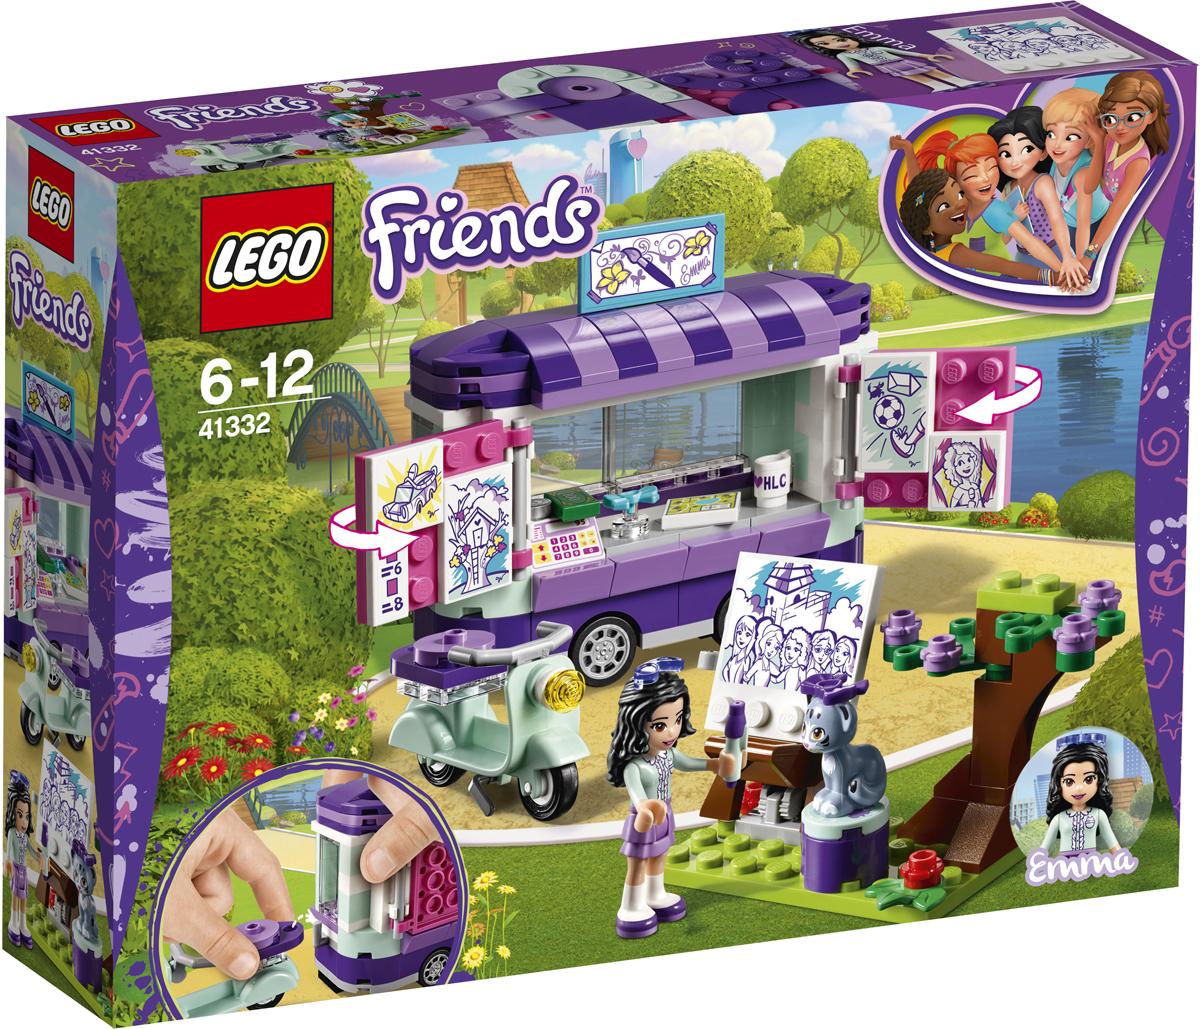 LEGO Friends Конструктор Передвижная творческая мастерская Эммы 41332 Уцененный товар (№1), Конструкторы  - купить со скидкой